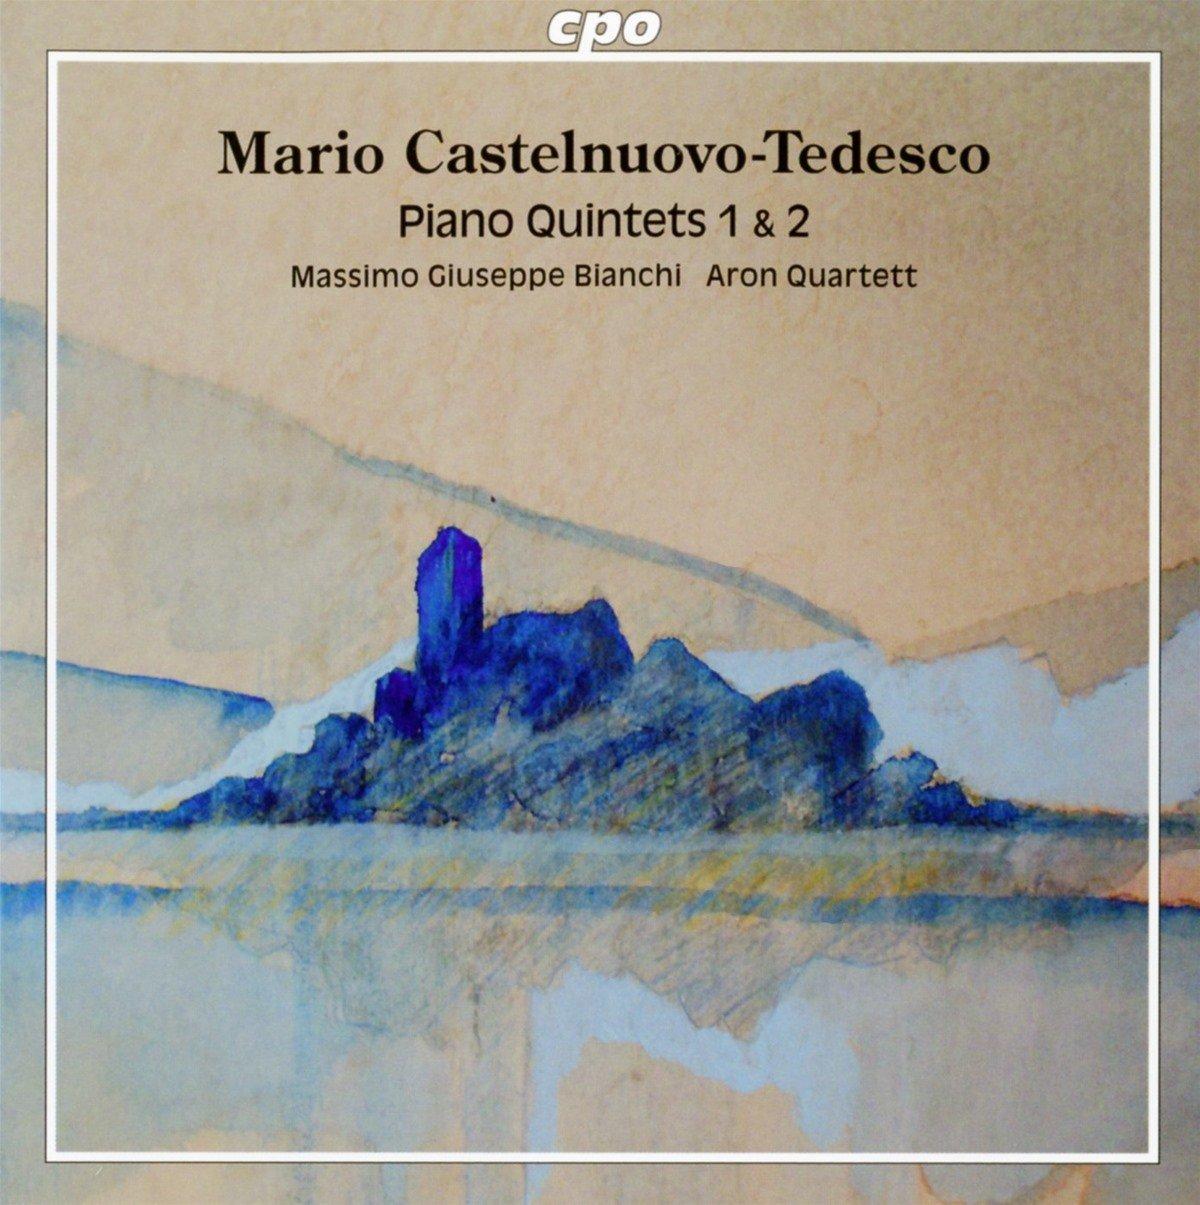 Le quintette avec piano 71YzEQ%2BT9hL._SL1205_